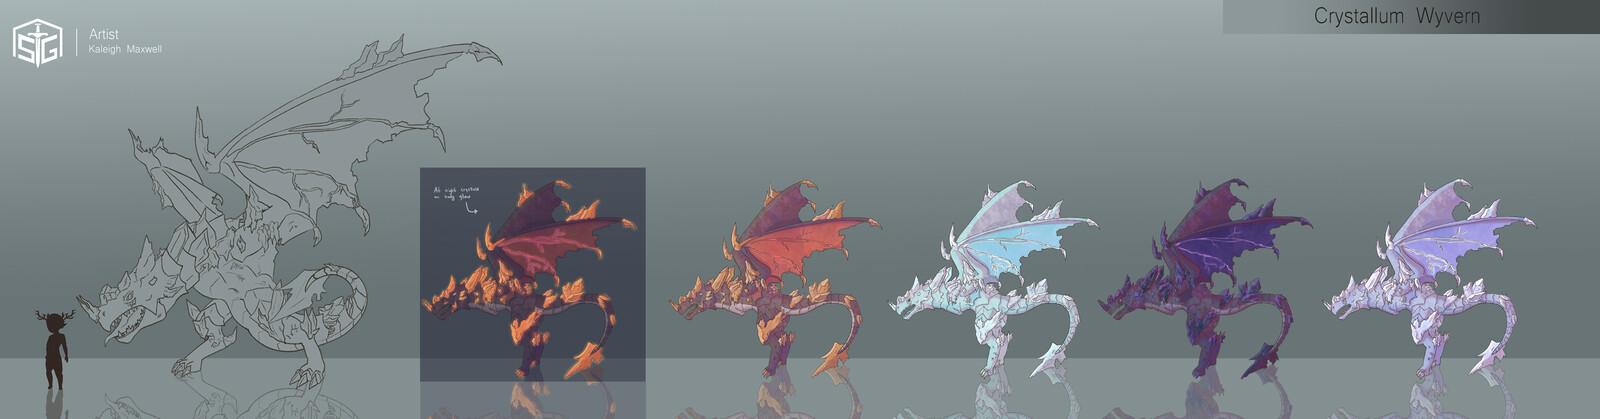 Soul Spires: Initium - Crystallum Wyvern